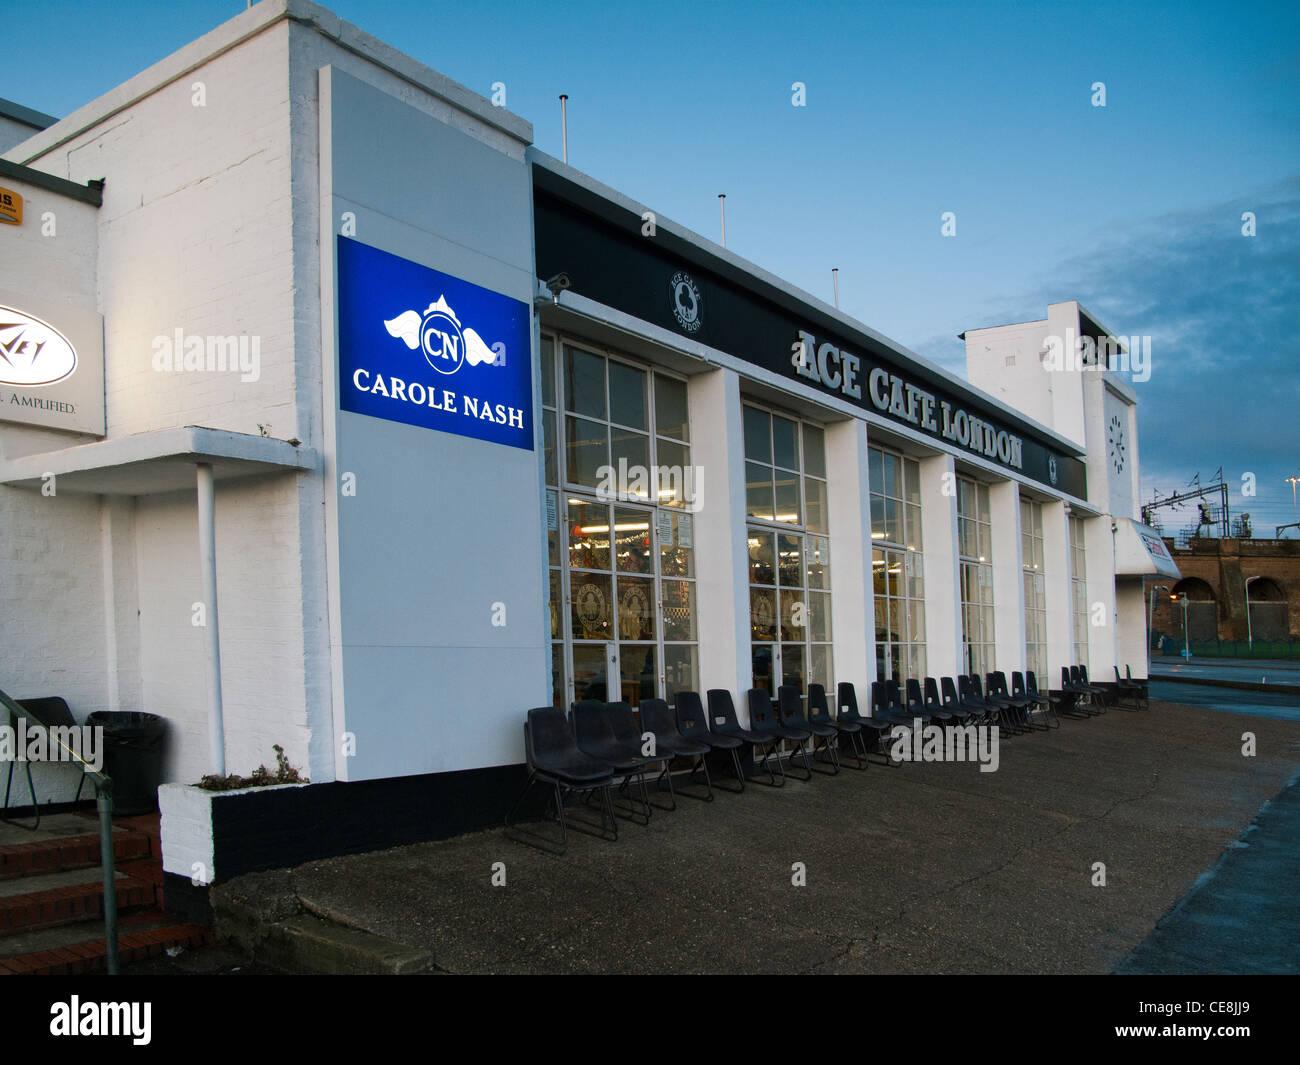 Ace Café,London,UK - Stock Image